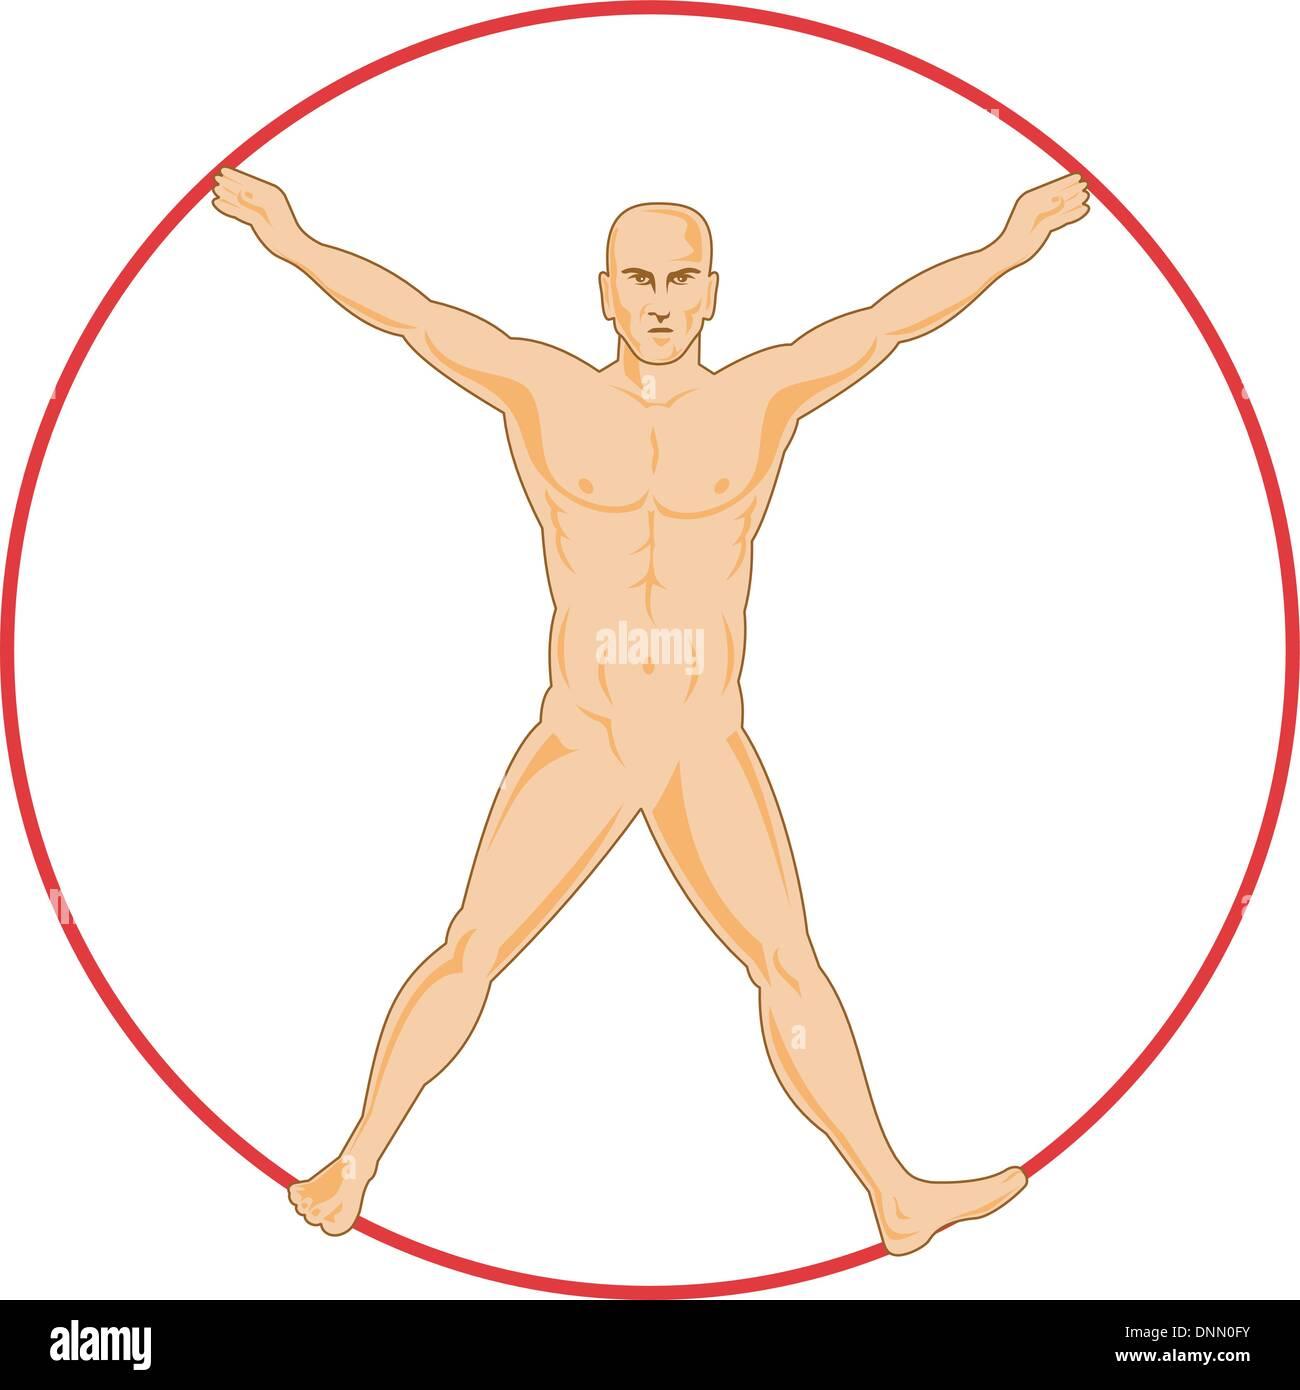 Ilustración de la anatomía humana que muestra un hombre de pie sobre ...